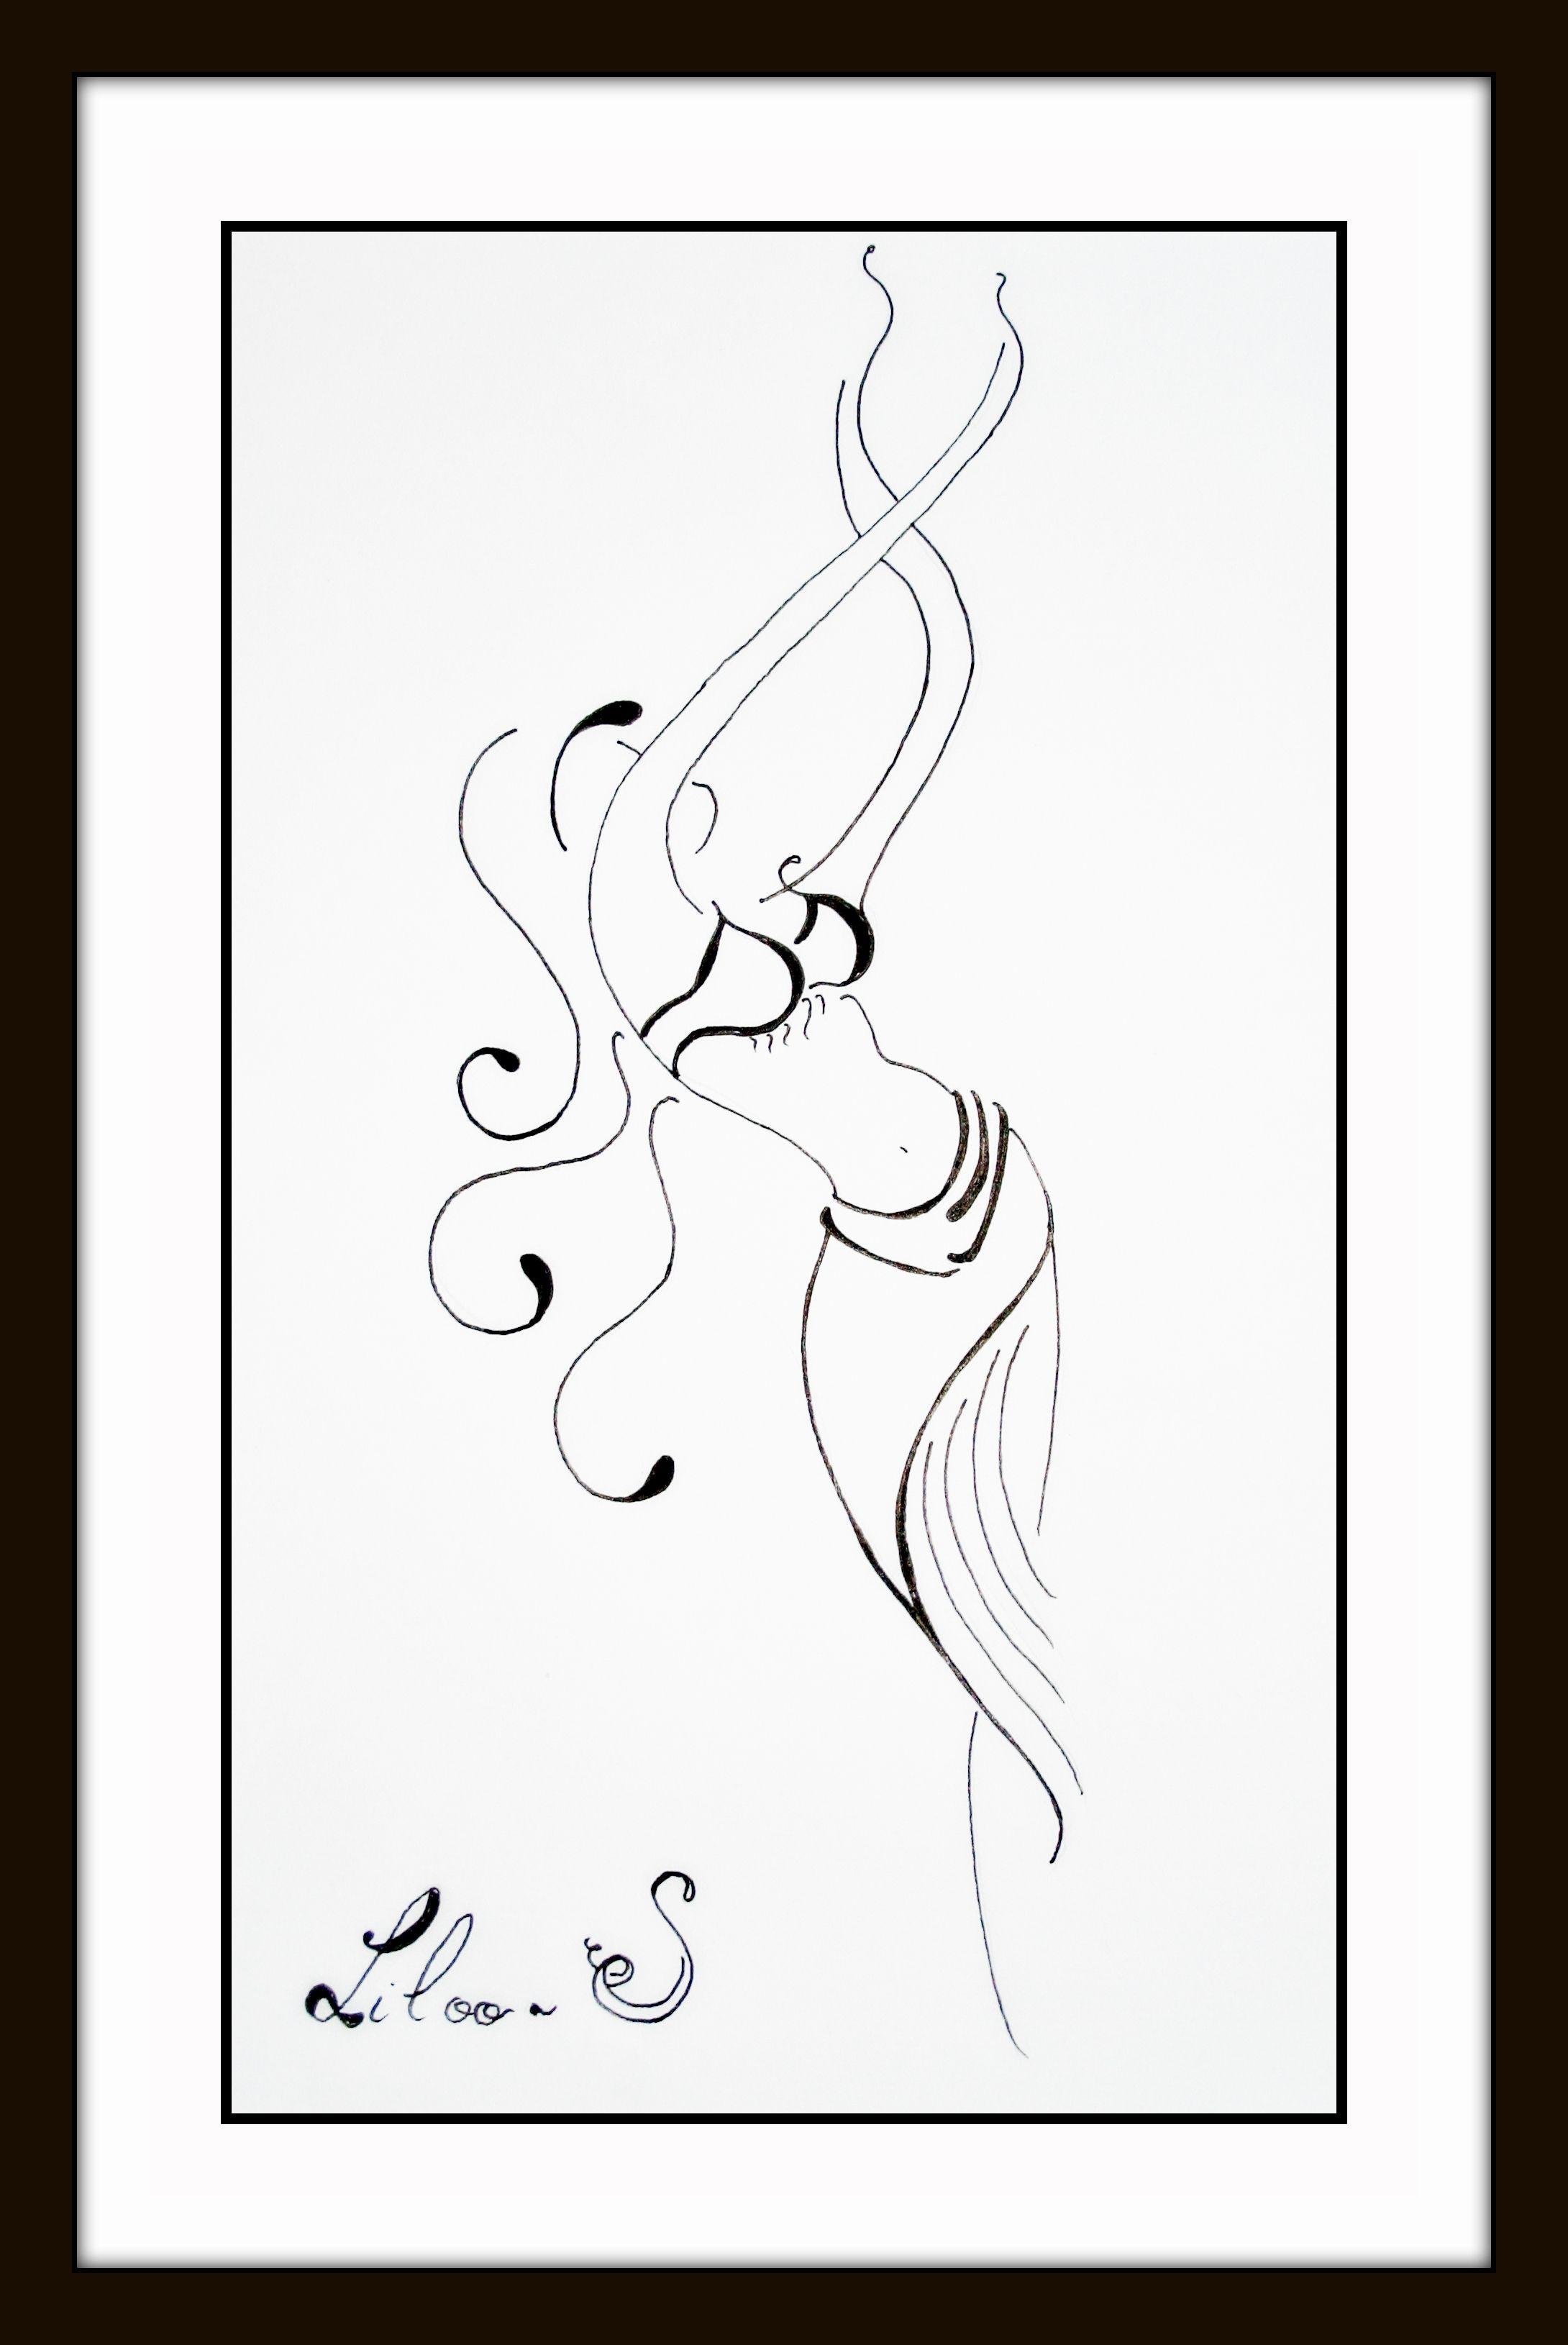 Dessin danseuse orientale - Danseuse orientale dessin ...